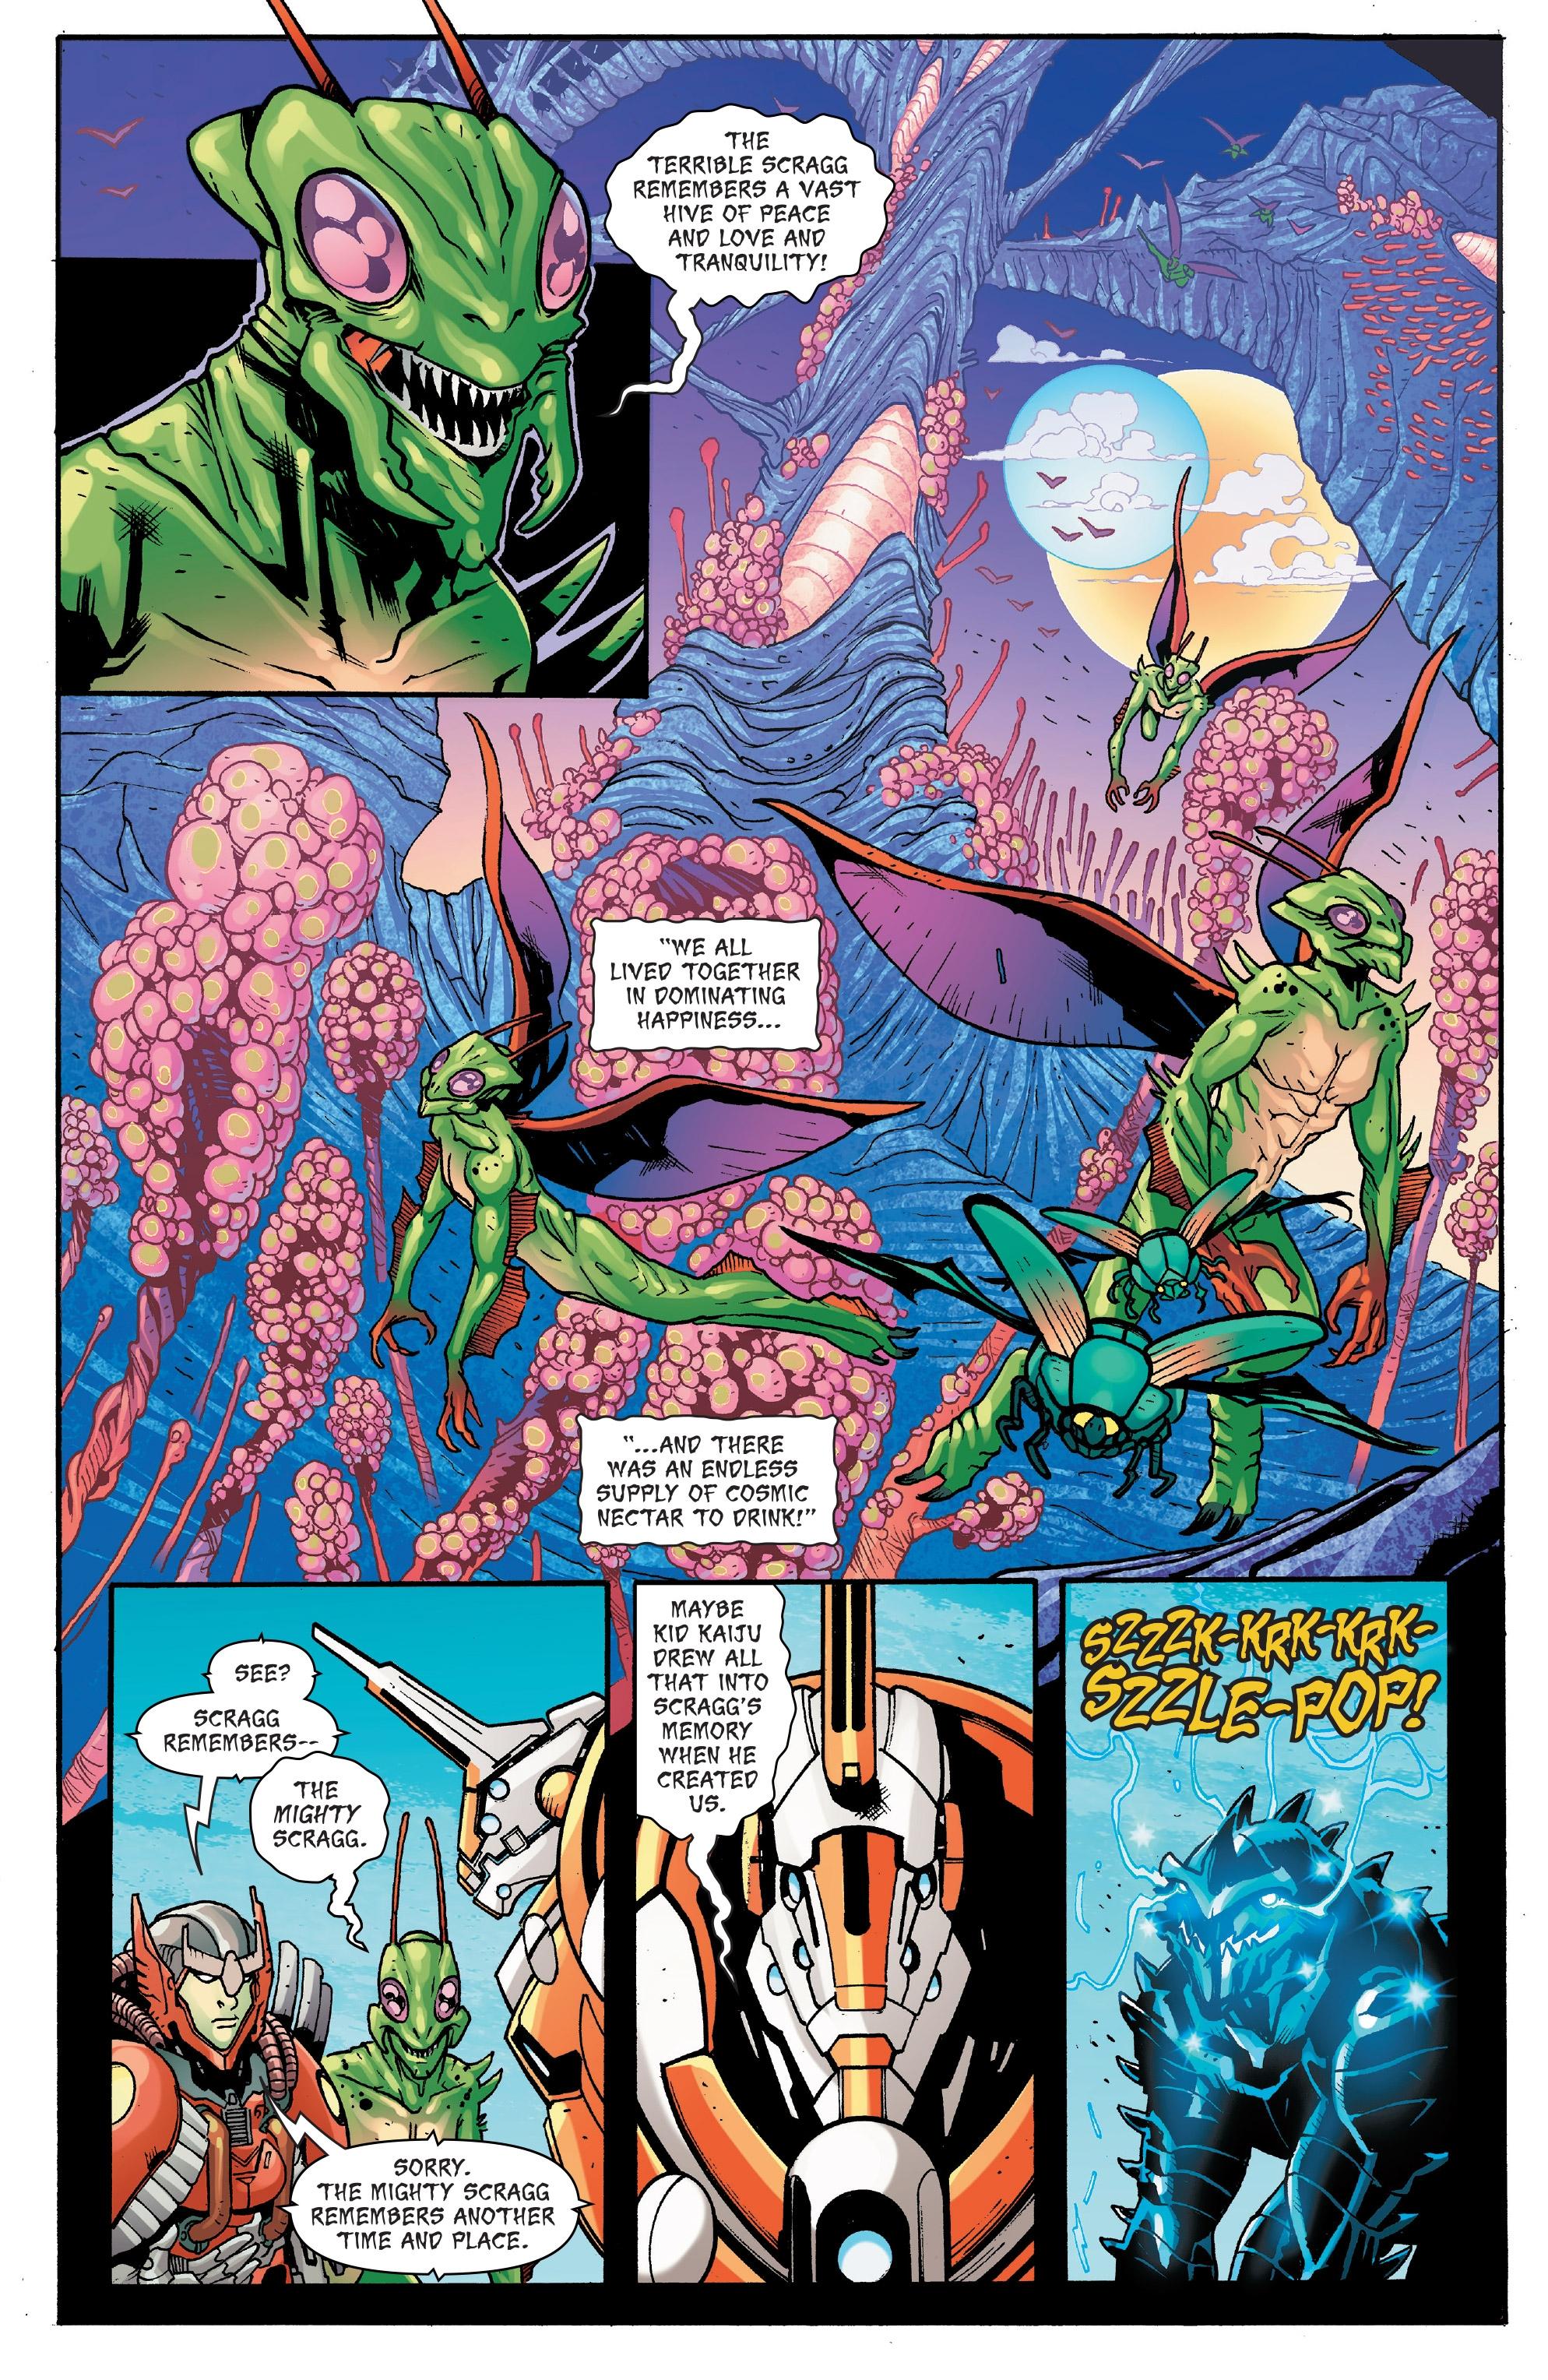 怪物释放(2017): Chapter 6 - Page 怪物释放(2017)